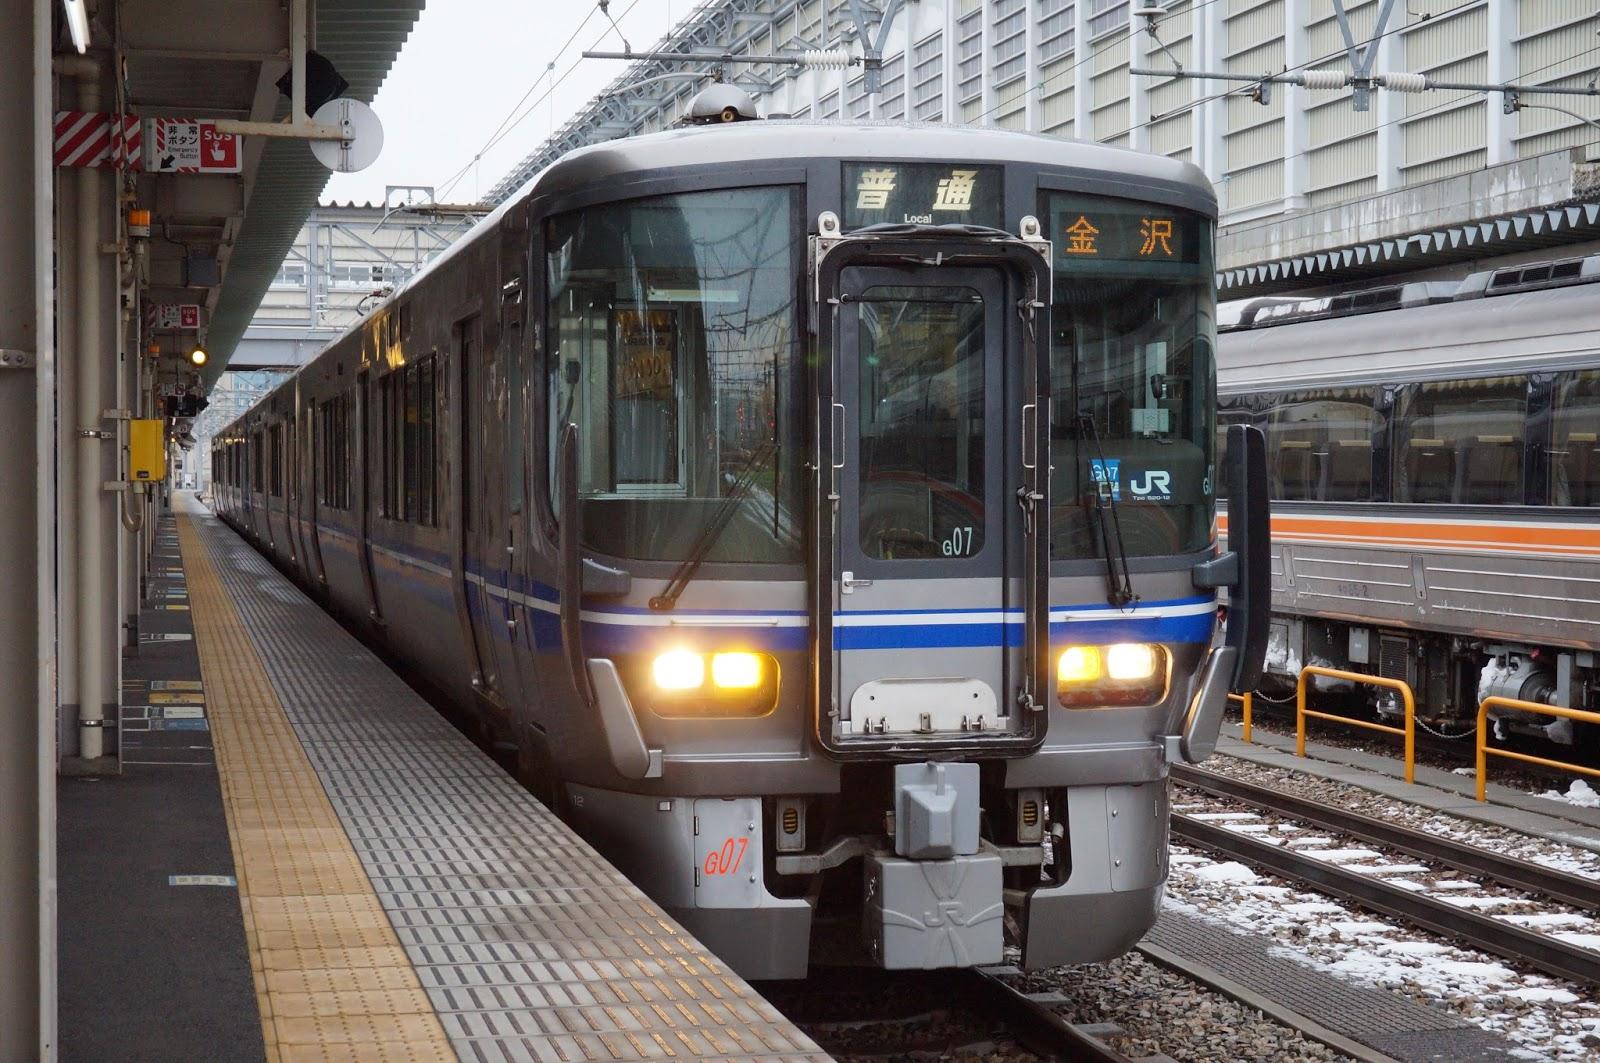 北陸線富山駅停車中の521系